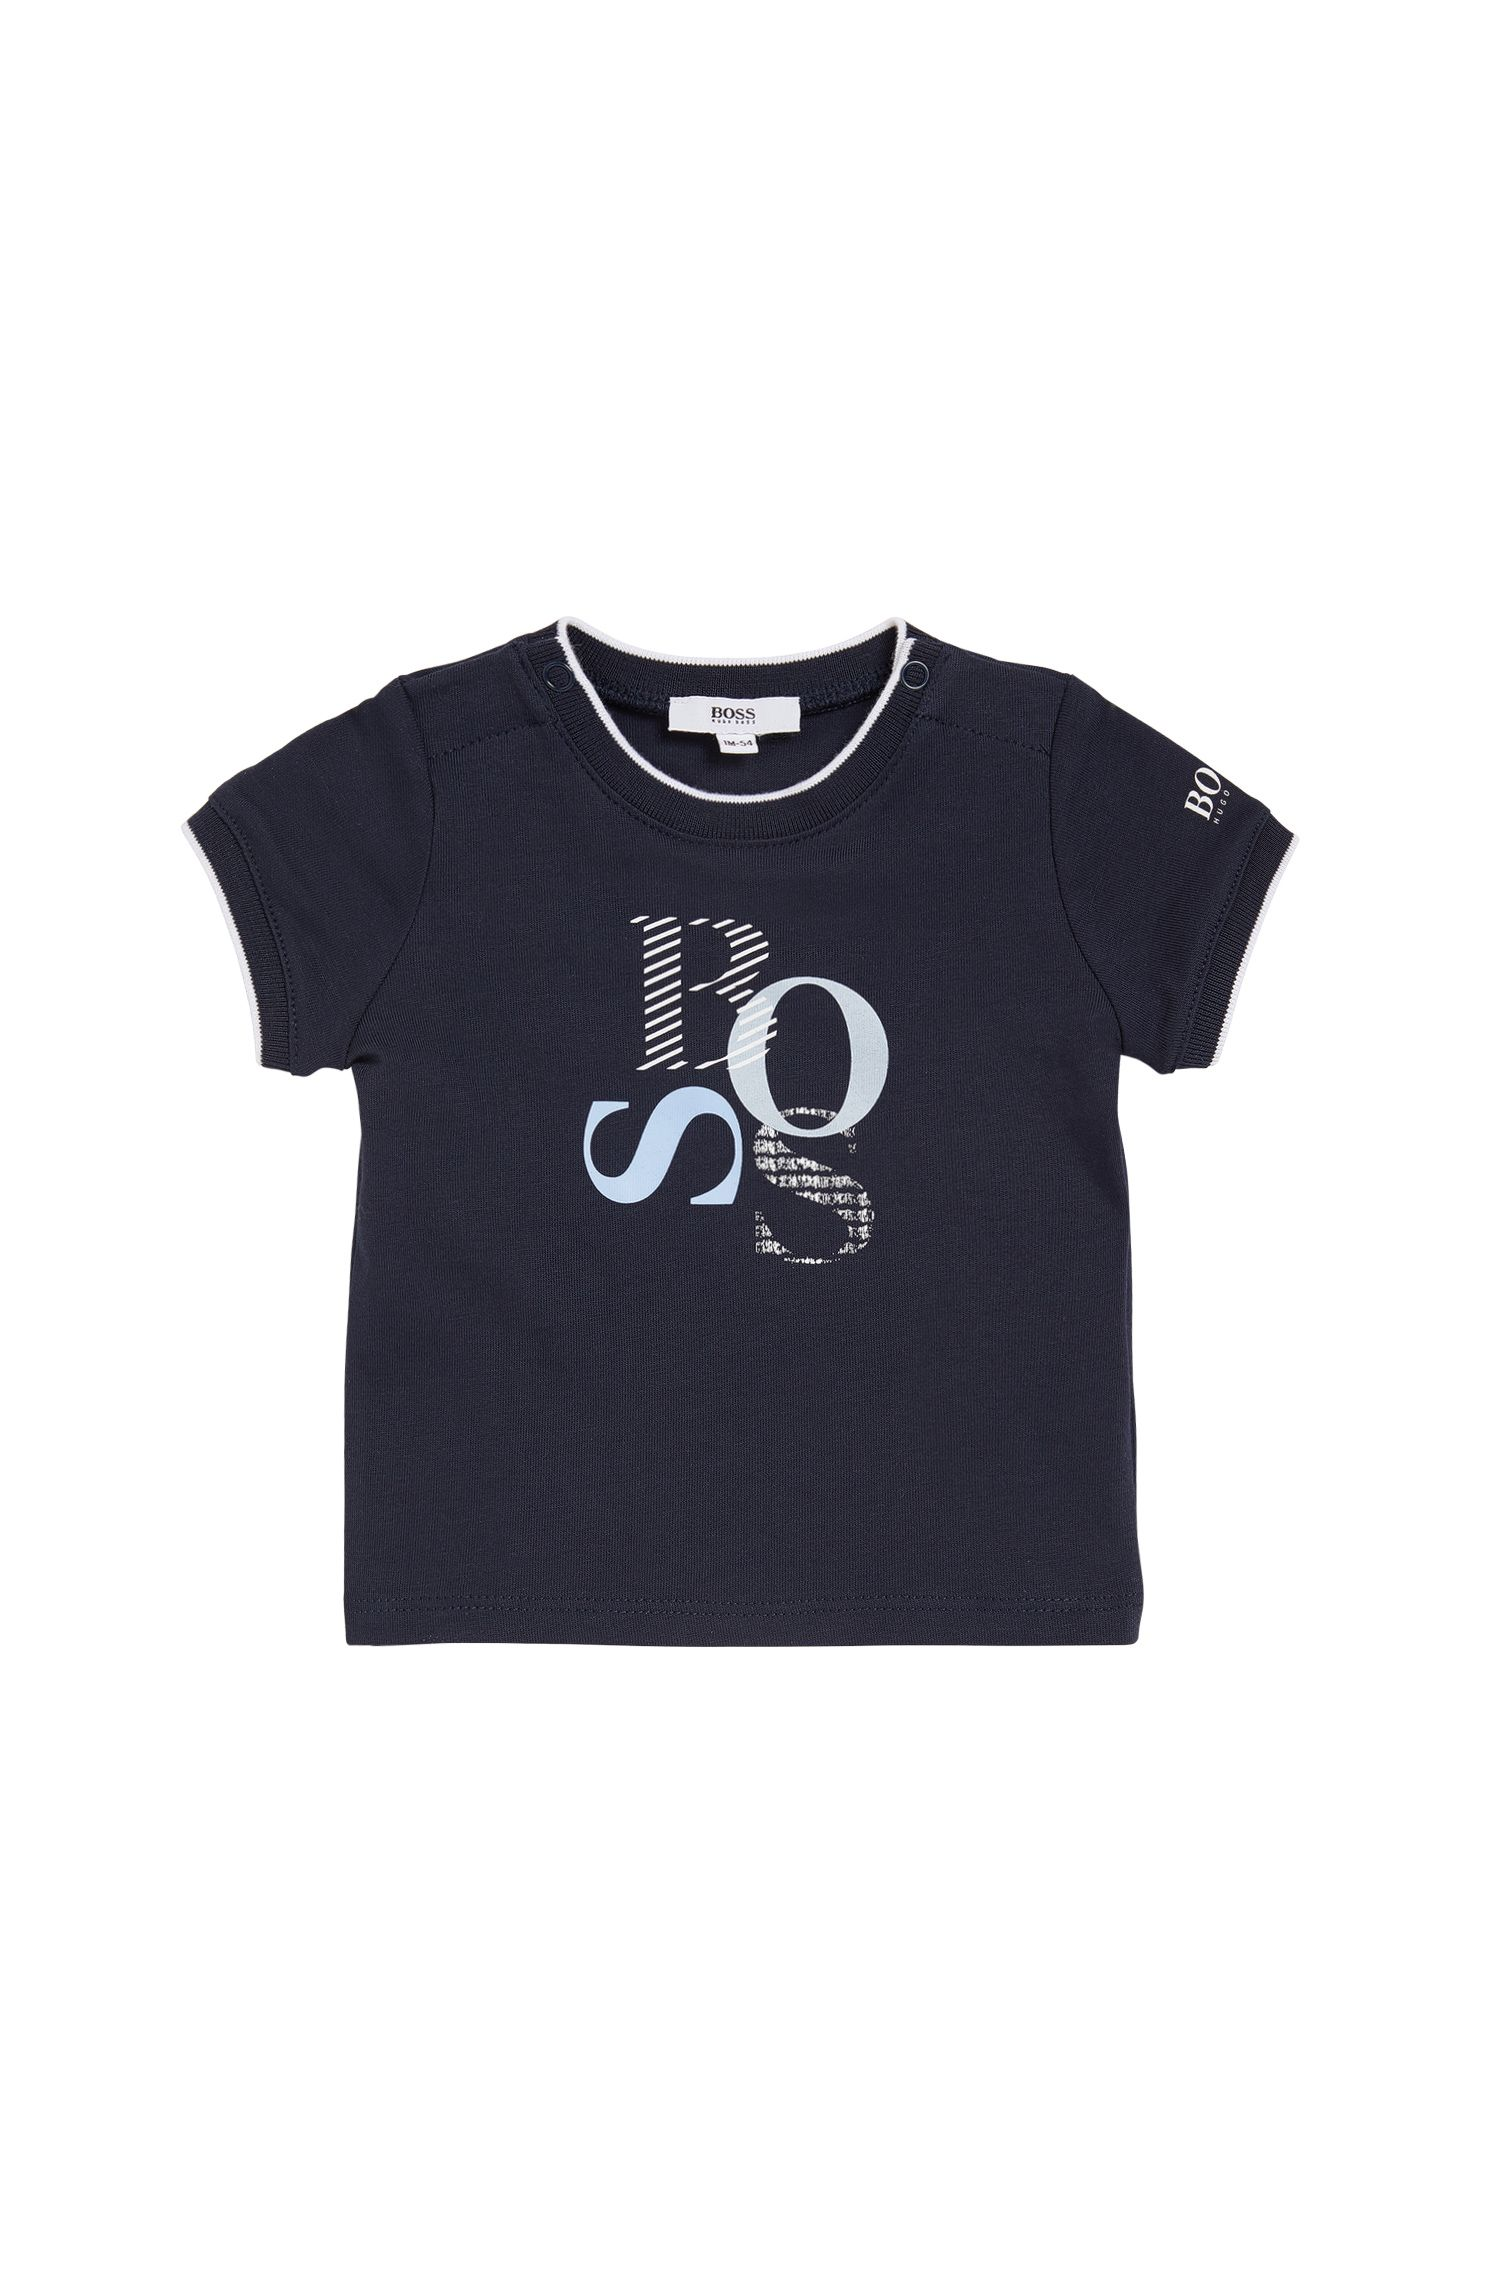 T-shirt Regular Fit en jersey simple, pour bébé